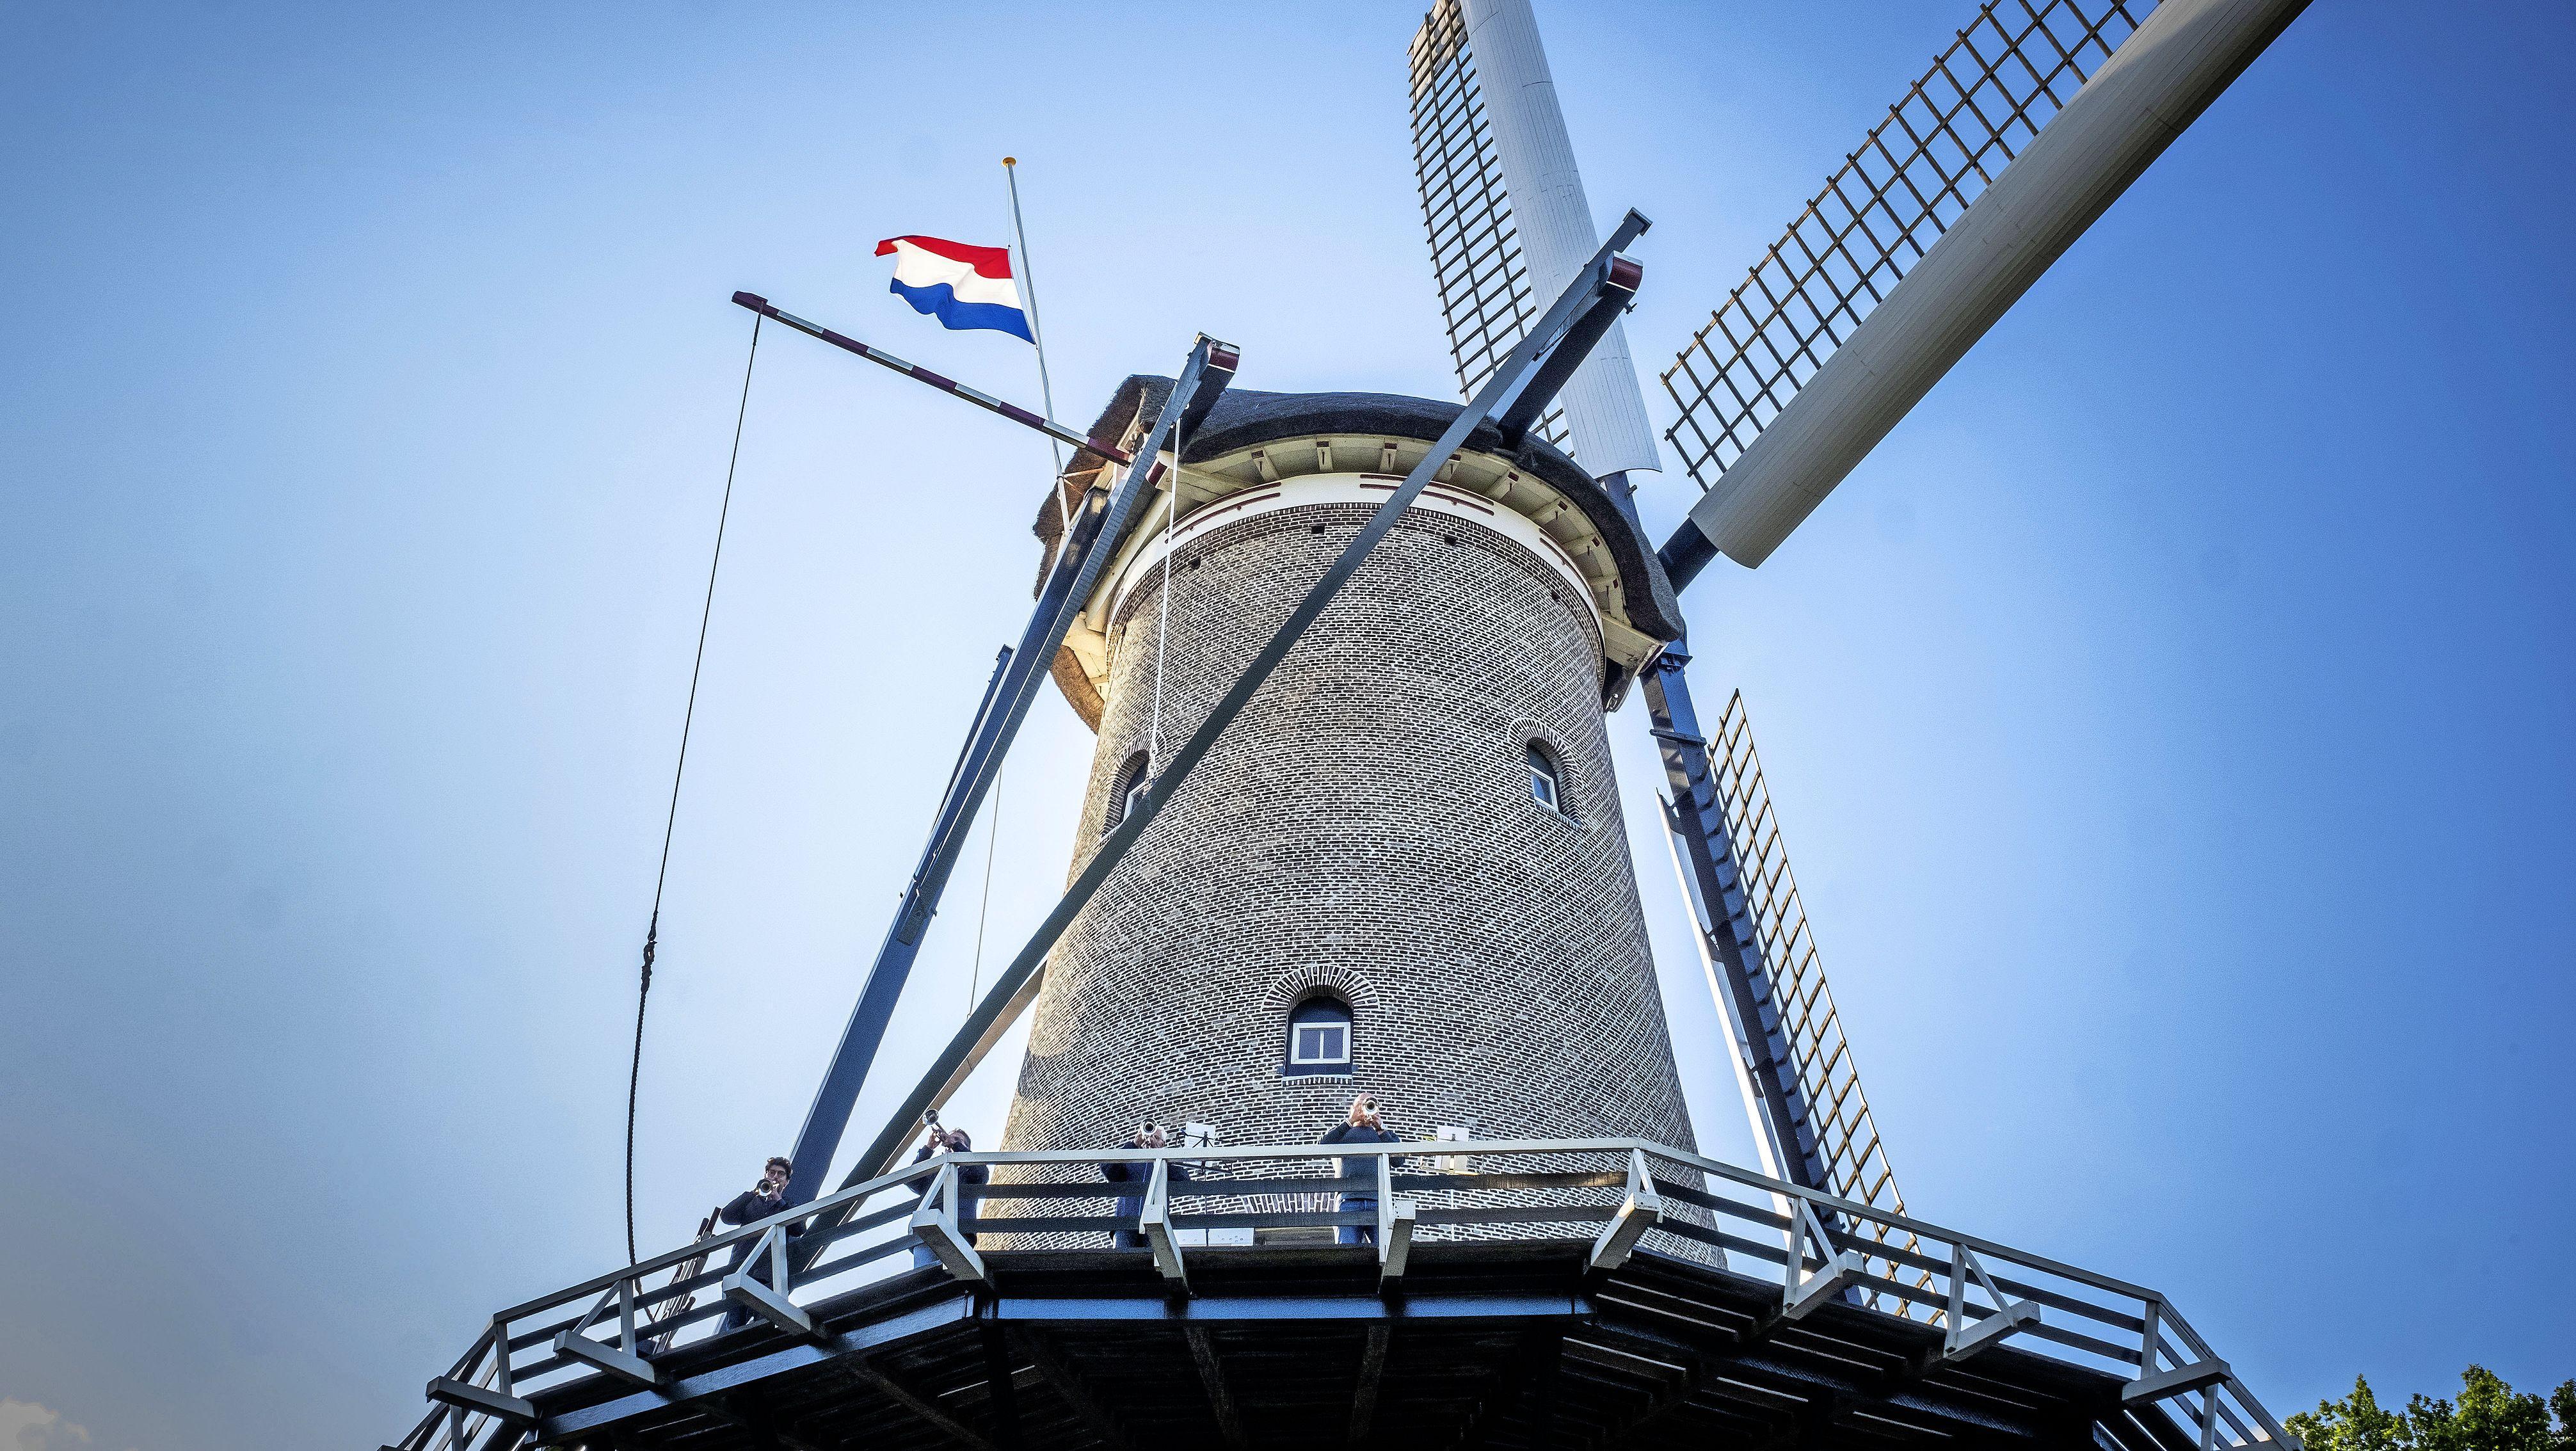 Geen publiek, maar wel kransleggingen, toespraken en muziek bij herdenkingen in de regio Alkmaar